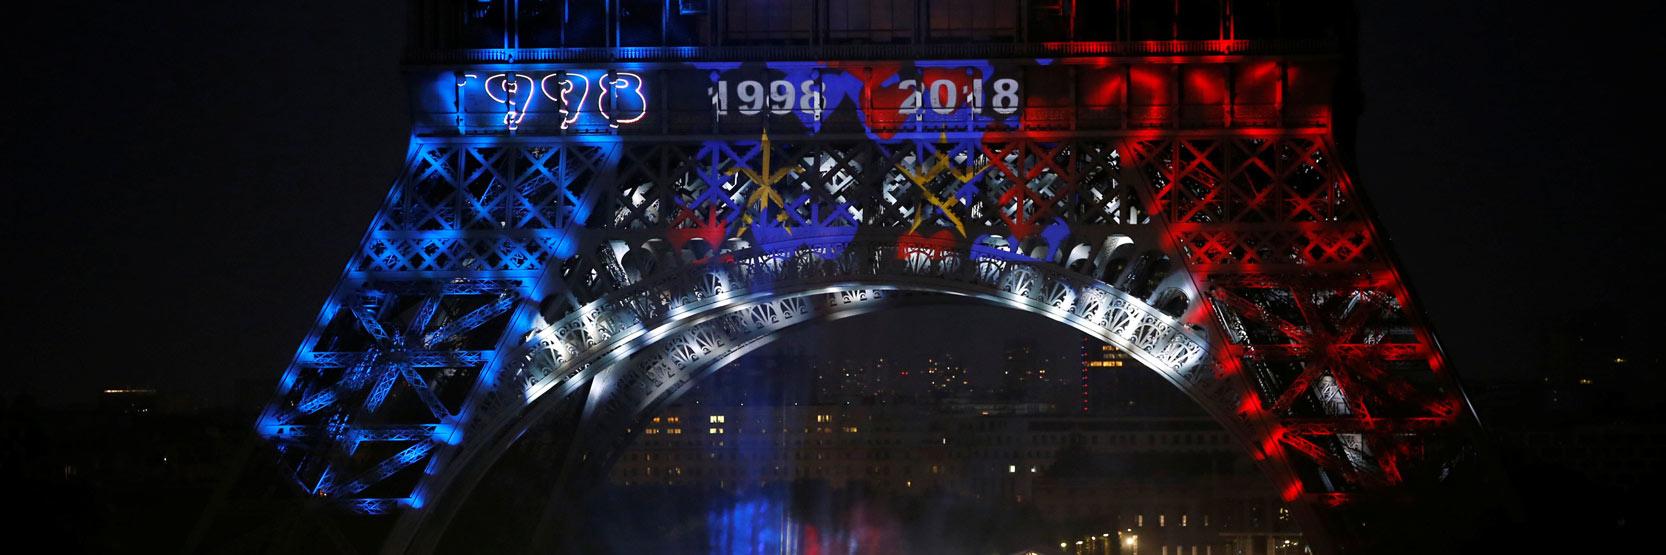 فرنسا تتوج بكاس العالم لعام 2018